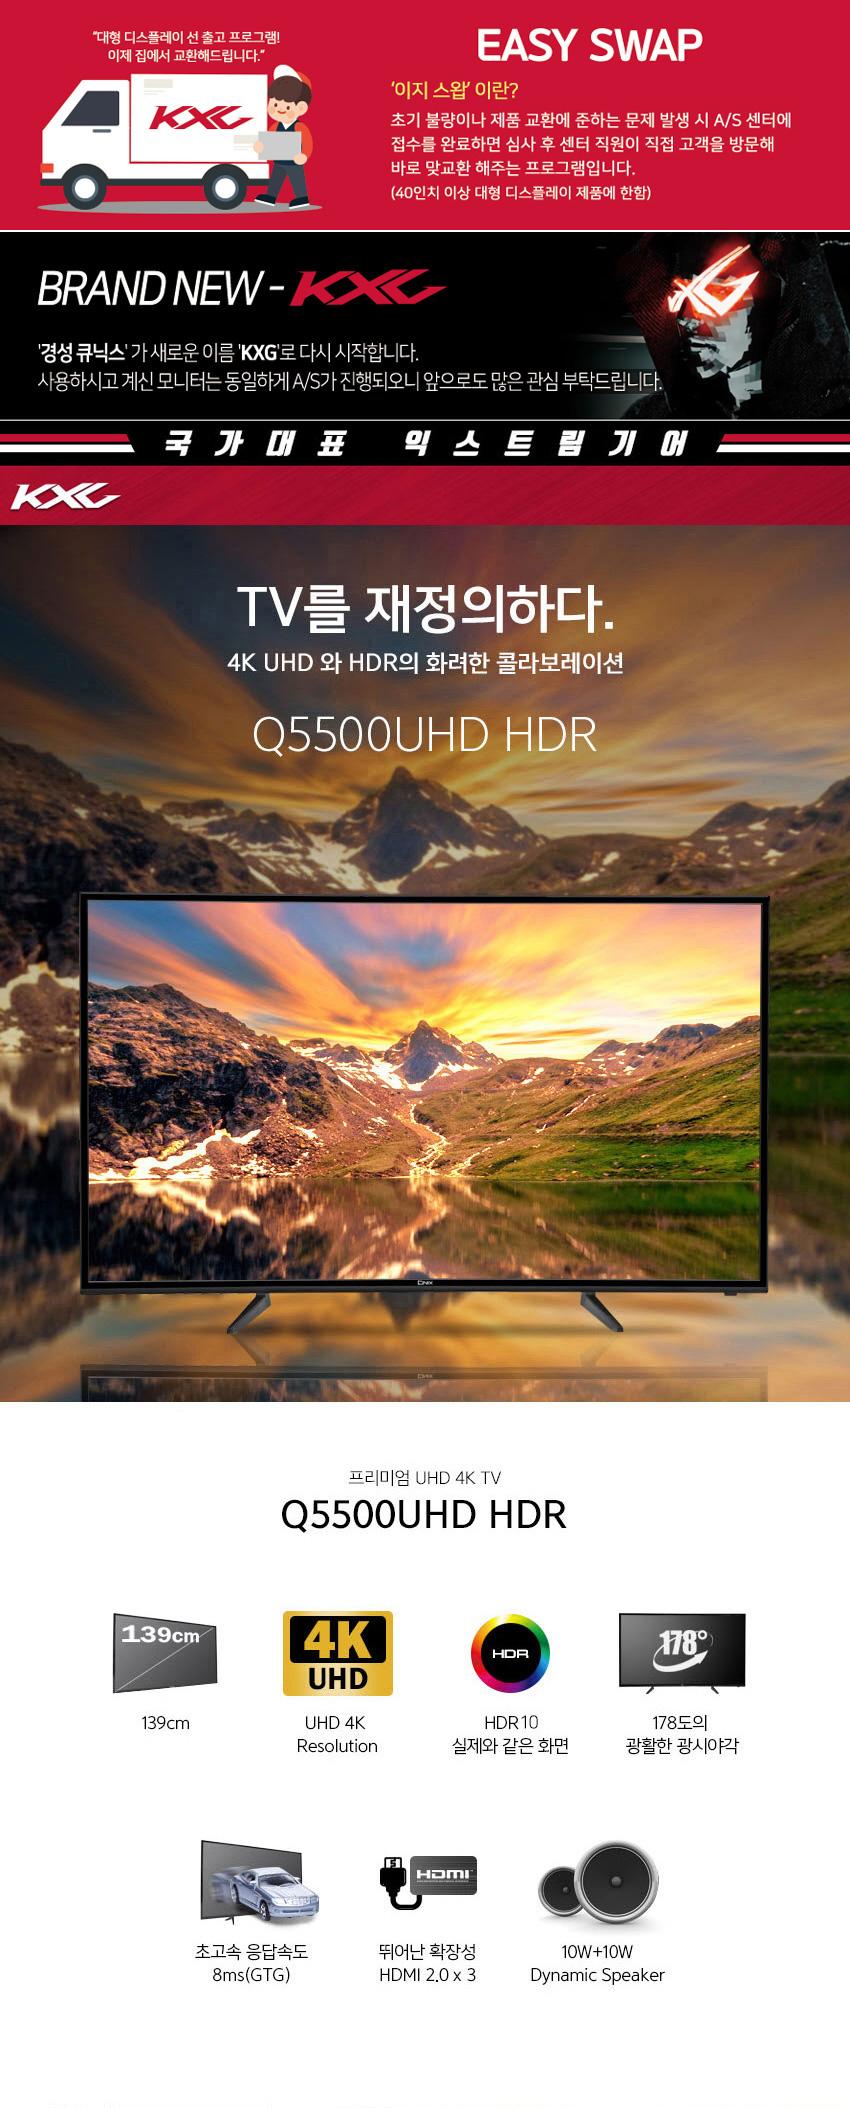 KXG Q5500UHD HDR (벽걸이)